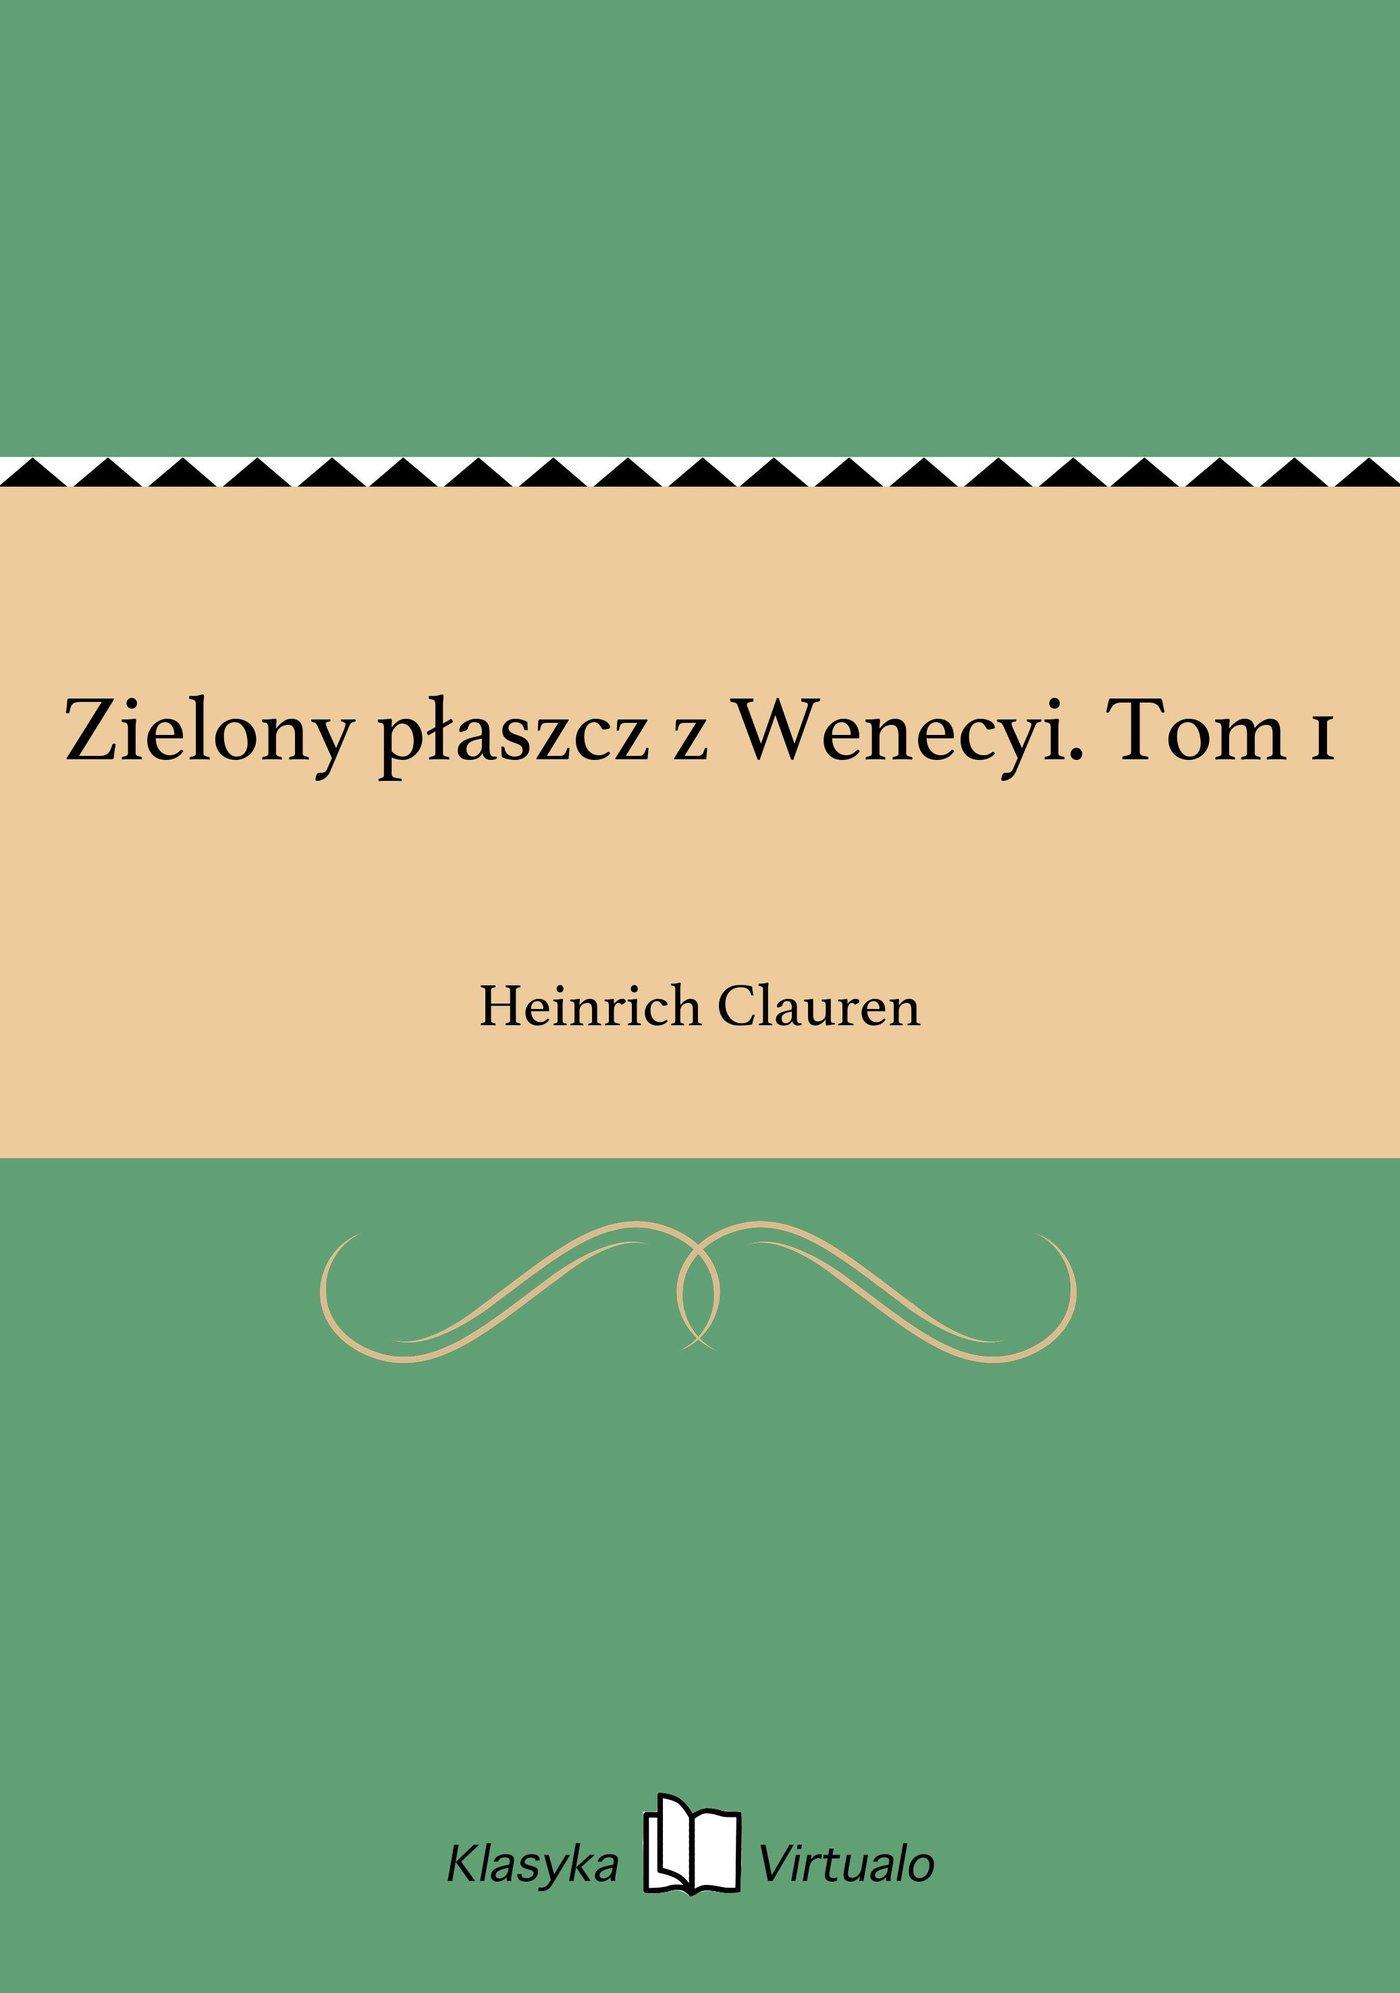 Zielony płaszcz z Wenecyi. Tom 1 - Ebook (Książka EPUB) do pobrania w formacie EPUB